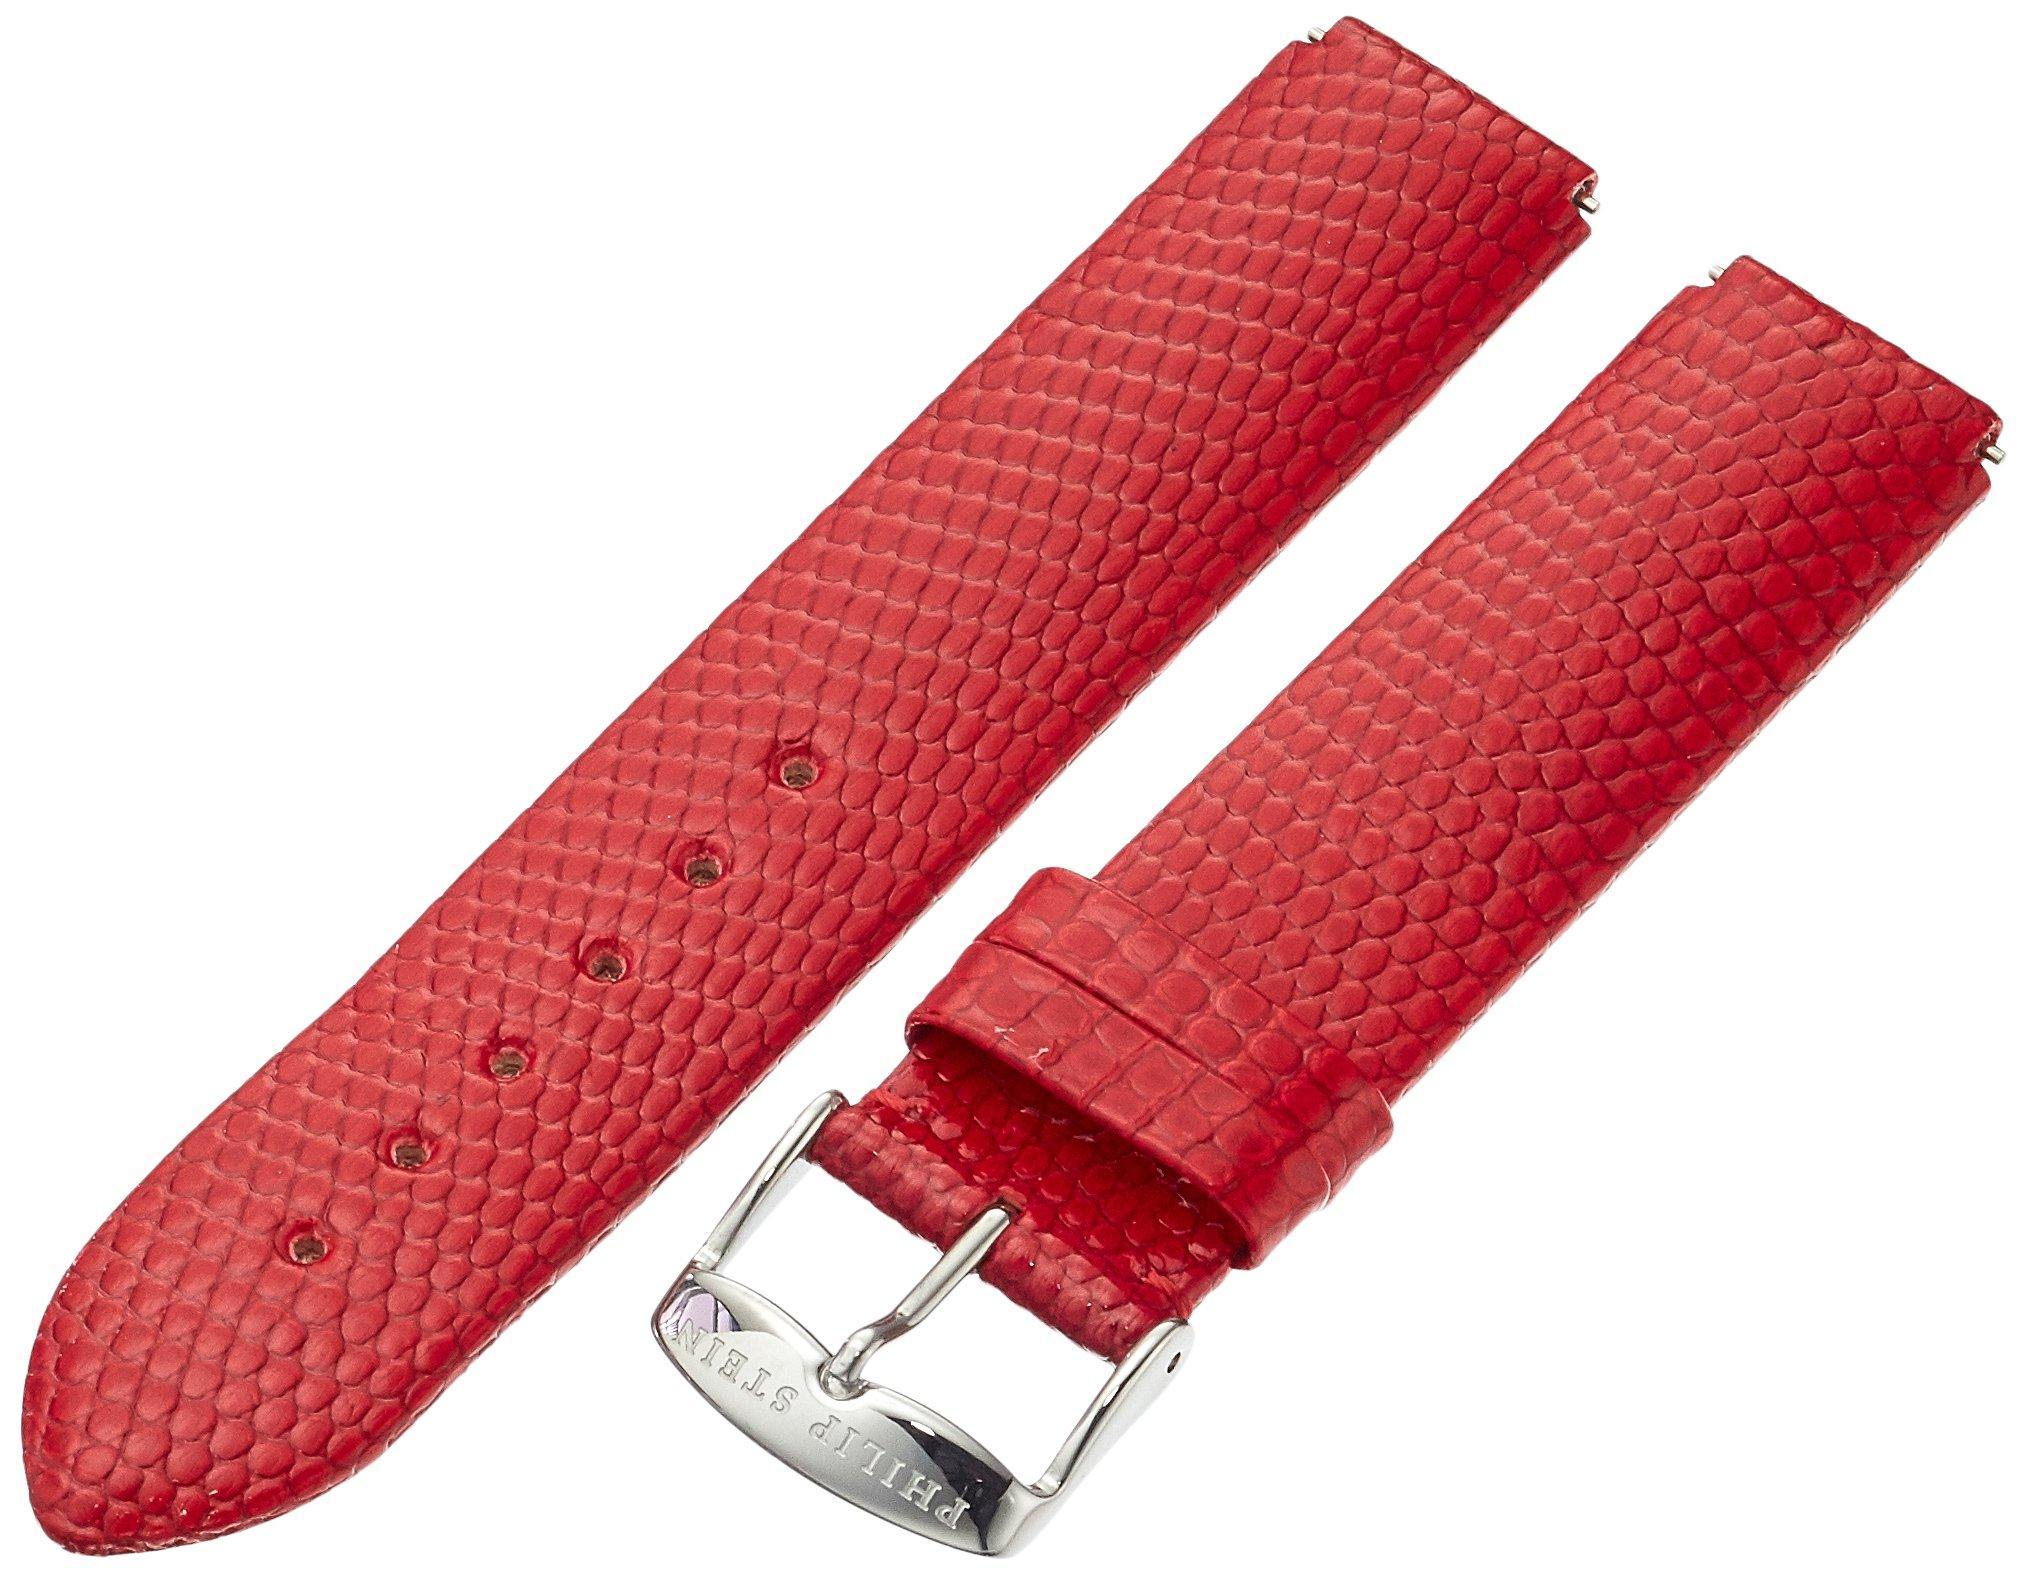 Philip Stein 1-ZR 18mm Leather Lizard Red Watch Strap